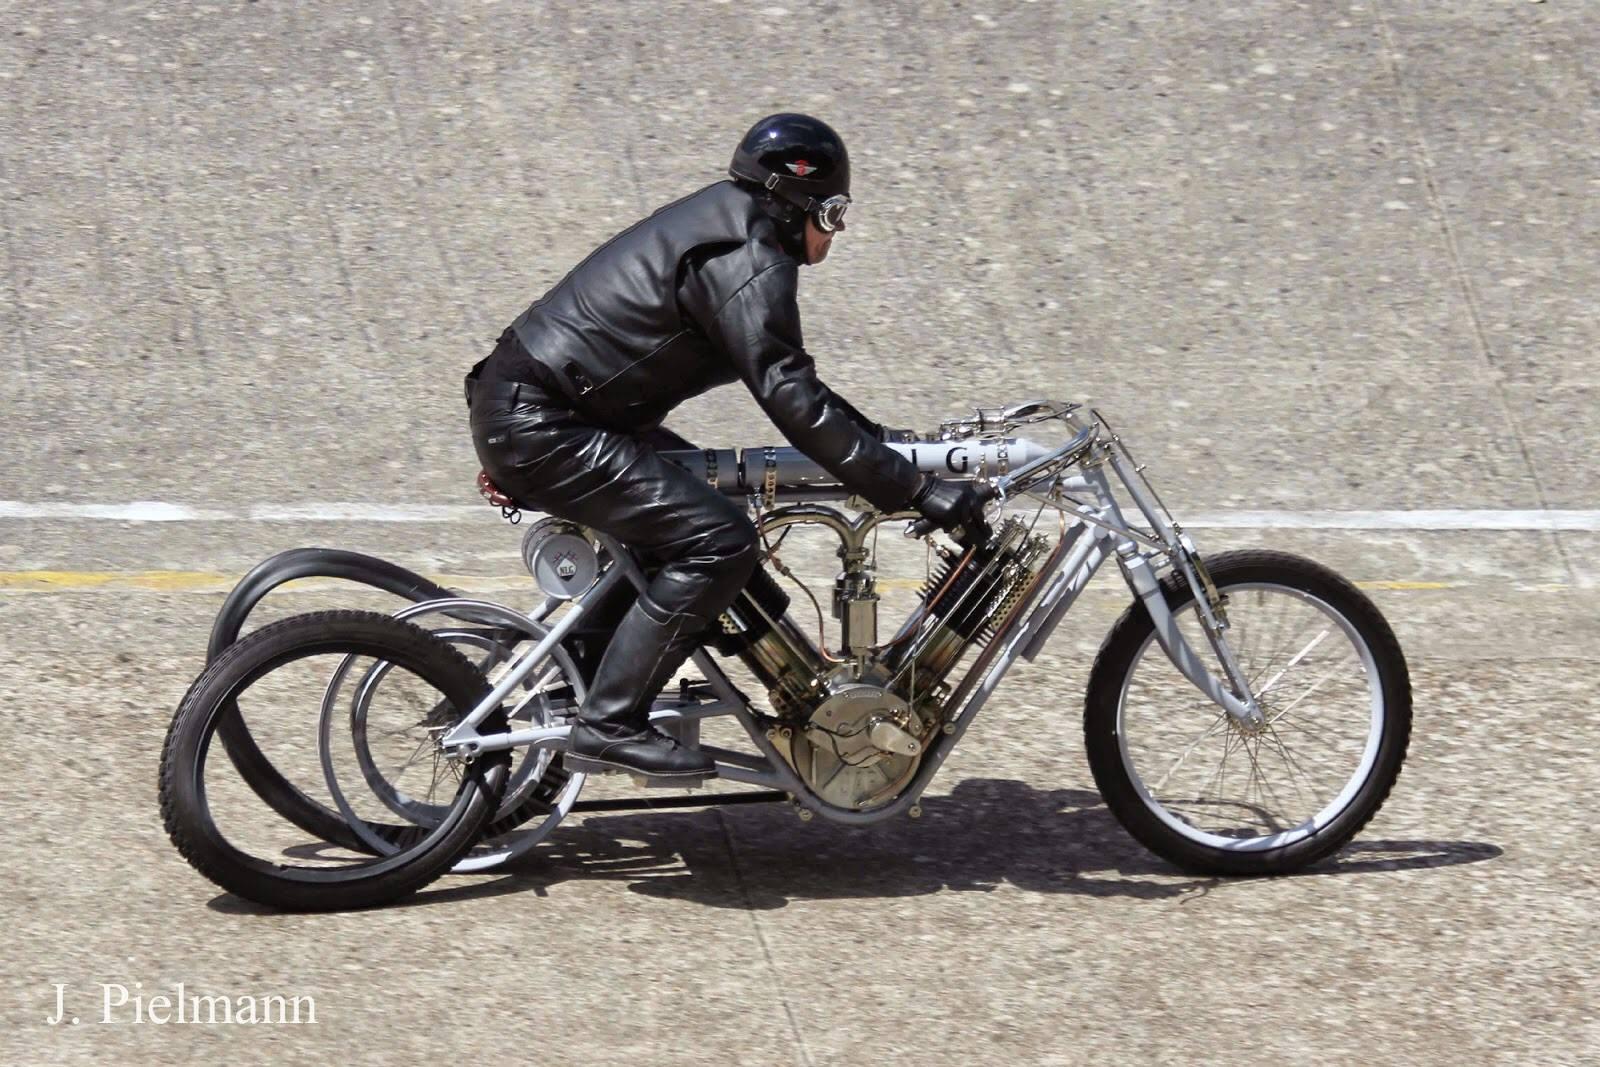 Le site allemand http://murderdromecycles.blogspot.fr/ publie une impressionnante photo de J. Pielman lorsque Pavel Malanik a perdu son pneu arrière sur l'anneau lors du Montlhéry Vintage Revival. Croyez vous qu'il est tombé? Même pas, il est rentré au bercail sur la jante. Quand même fortiche le Tchèque !